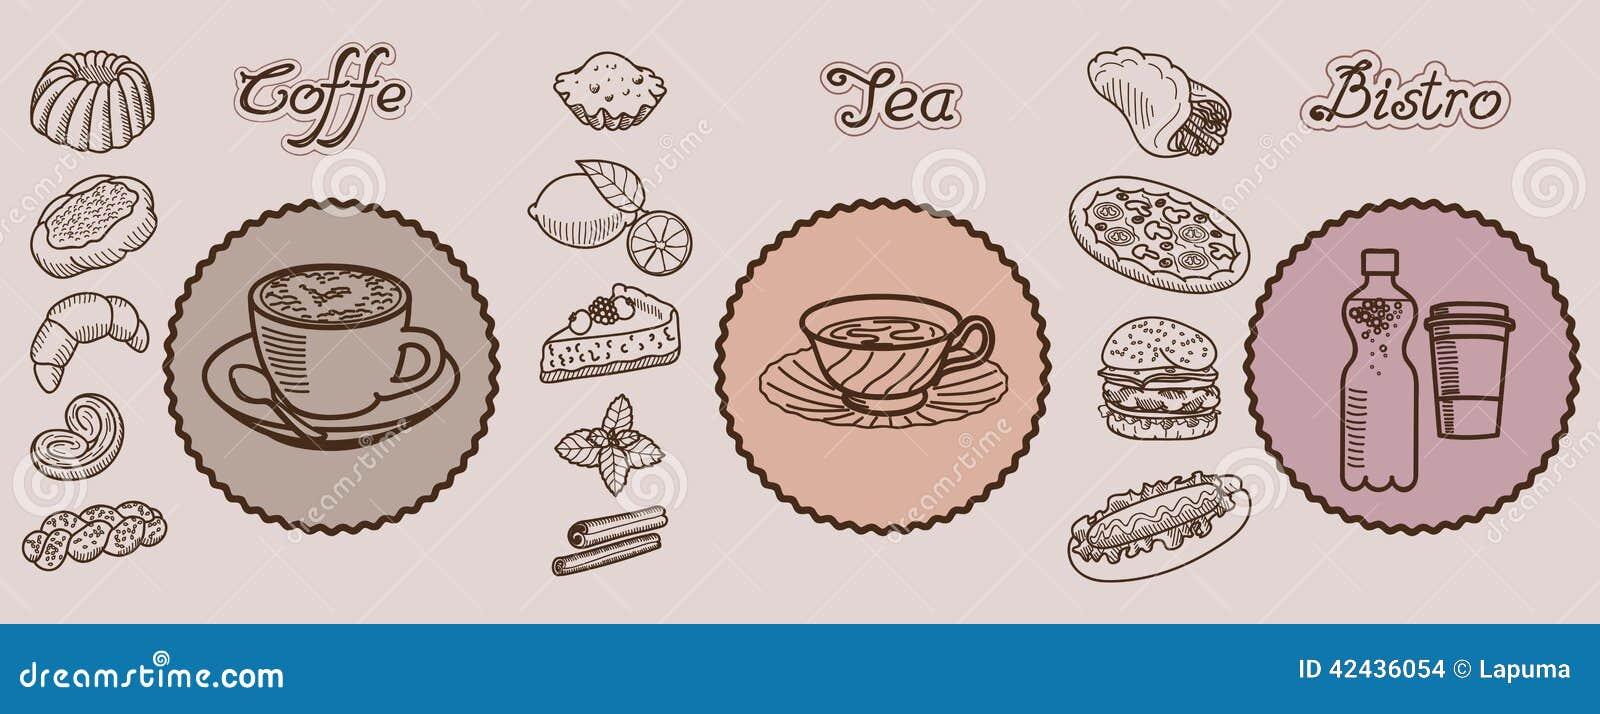 Iconos dibujados mano del vector de los bistros del té de Coffe